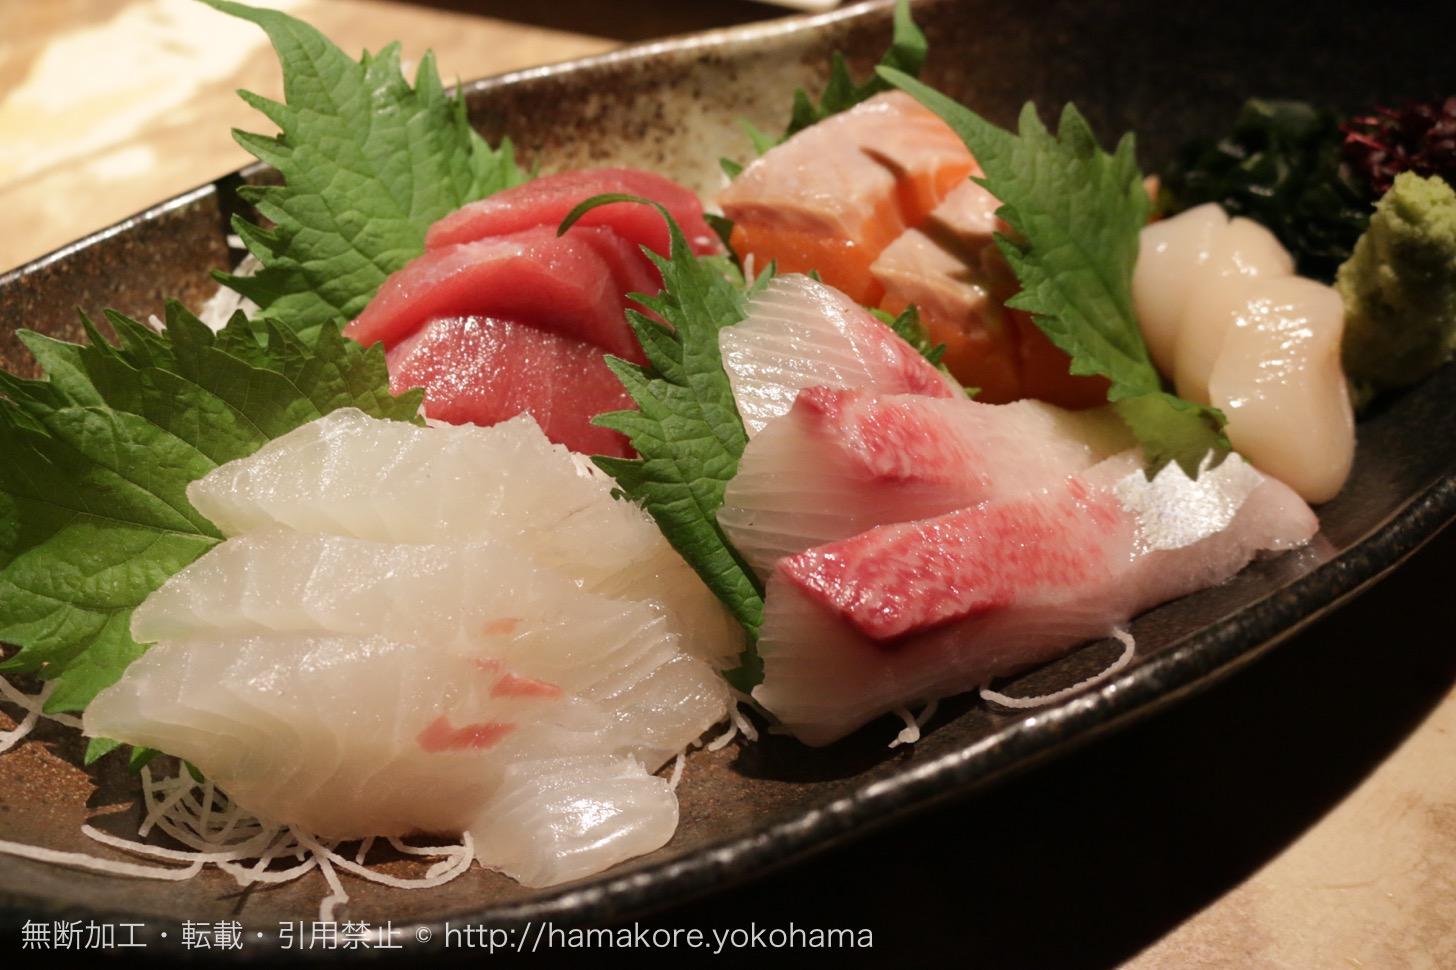 横浜駅から激近!居酒屋「唯一無二」が個室ありで値段以上にお得な美味しい料理が食べられておすすめ【PR】